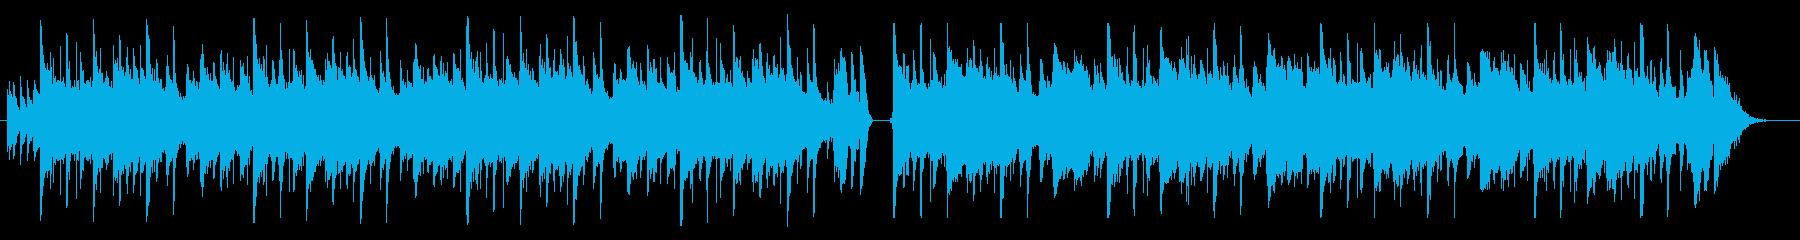 【短いVer】ピアノが印象的なポップスの再生済みの波形